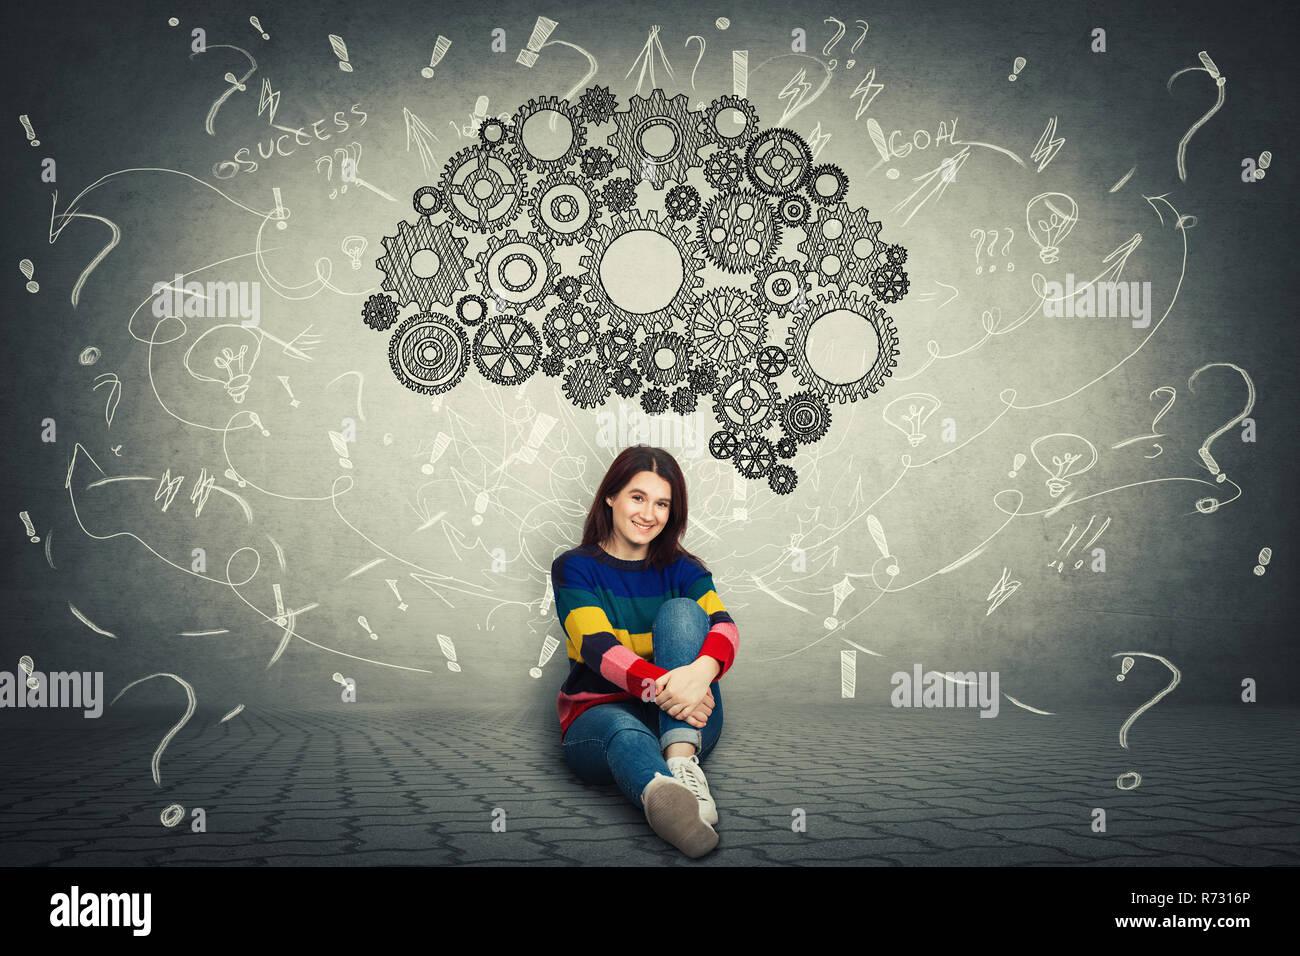 Bastante casual mujer sentada en el suelo y un enorme engranaje cerebro por encima de su cabeza, pensamiento positivo, signos de interrogación y el desorden como reflexiones alrededor. Concepto Foto de stock